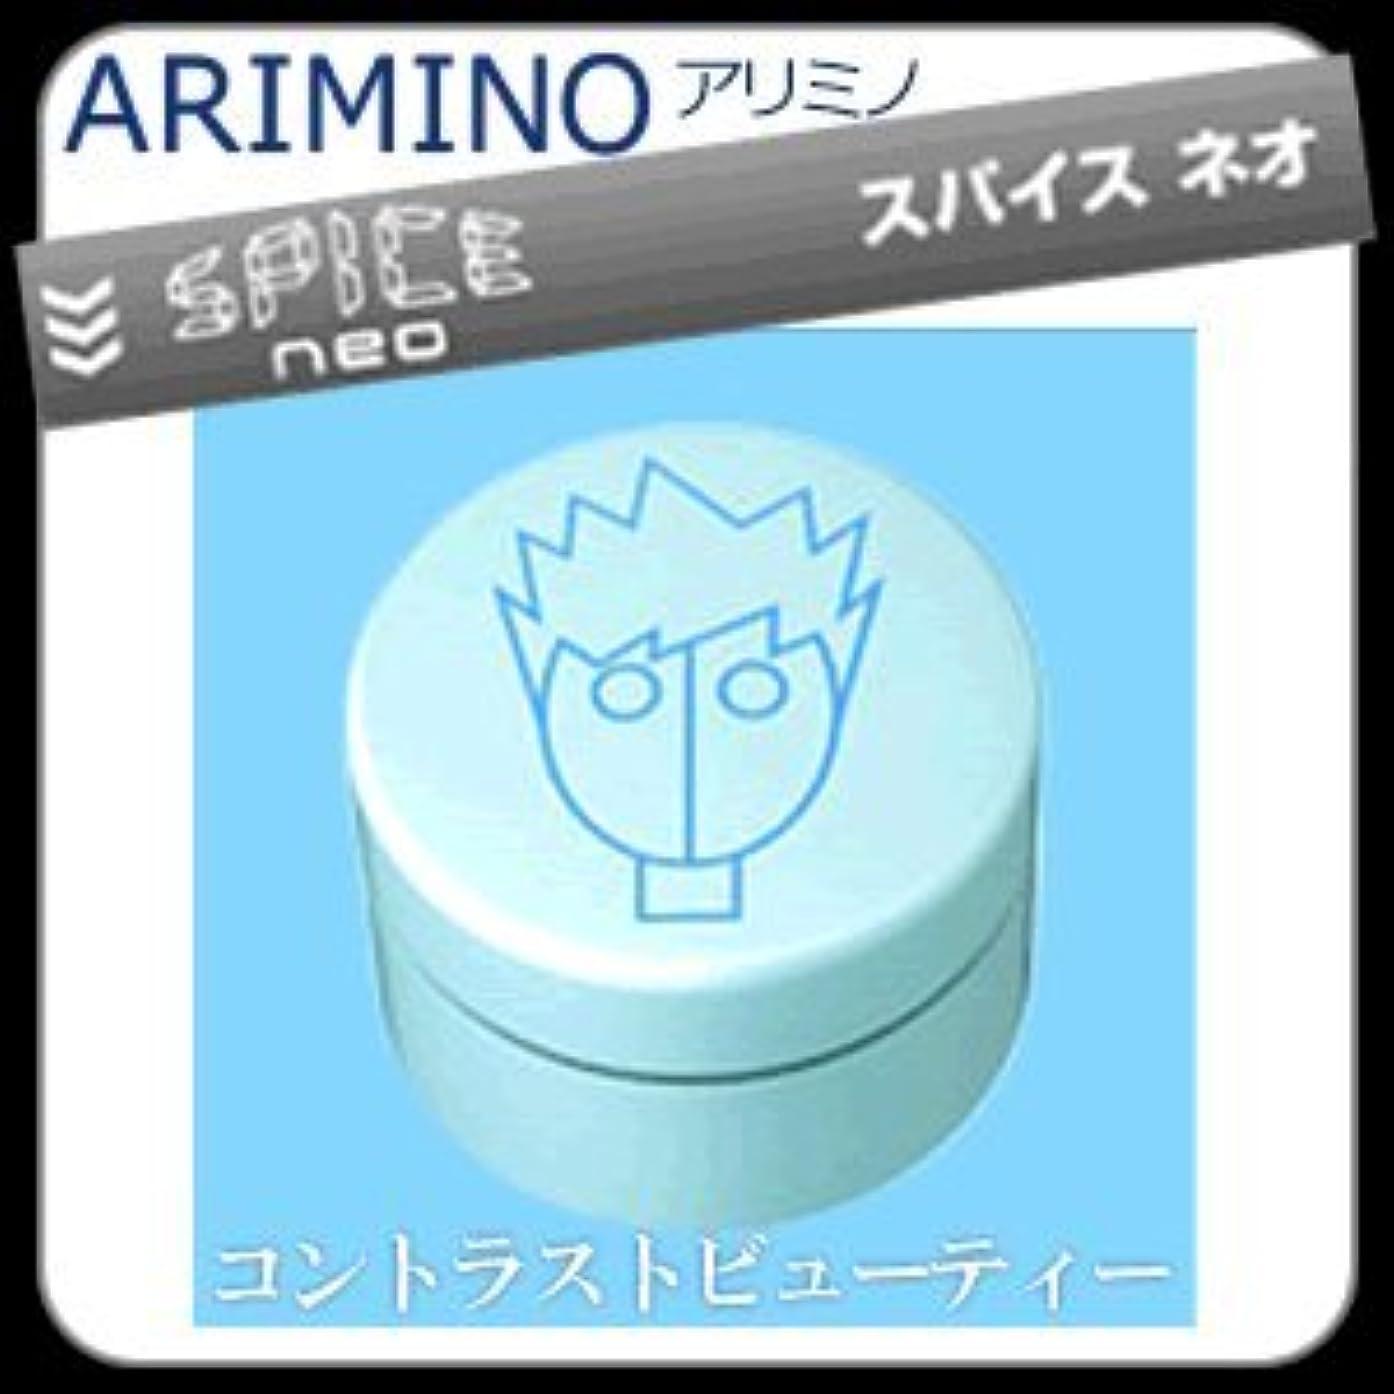 サミット乗算取り消す【X4個セット】 アリミノ スパイスネオ FREEZE KEEP-WAX フリーズキープワックス 100g ARIMINO SPICE neo